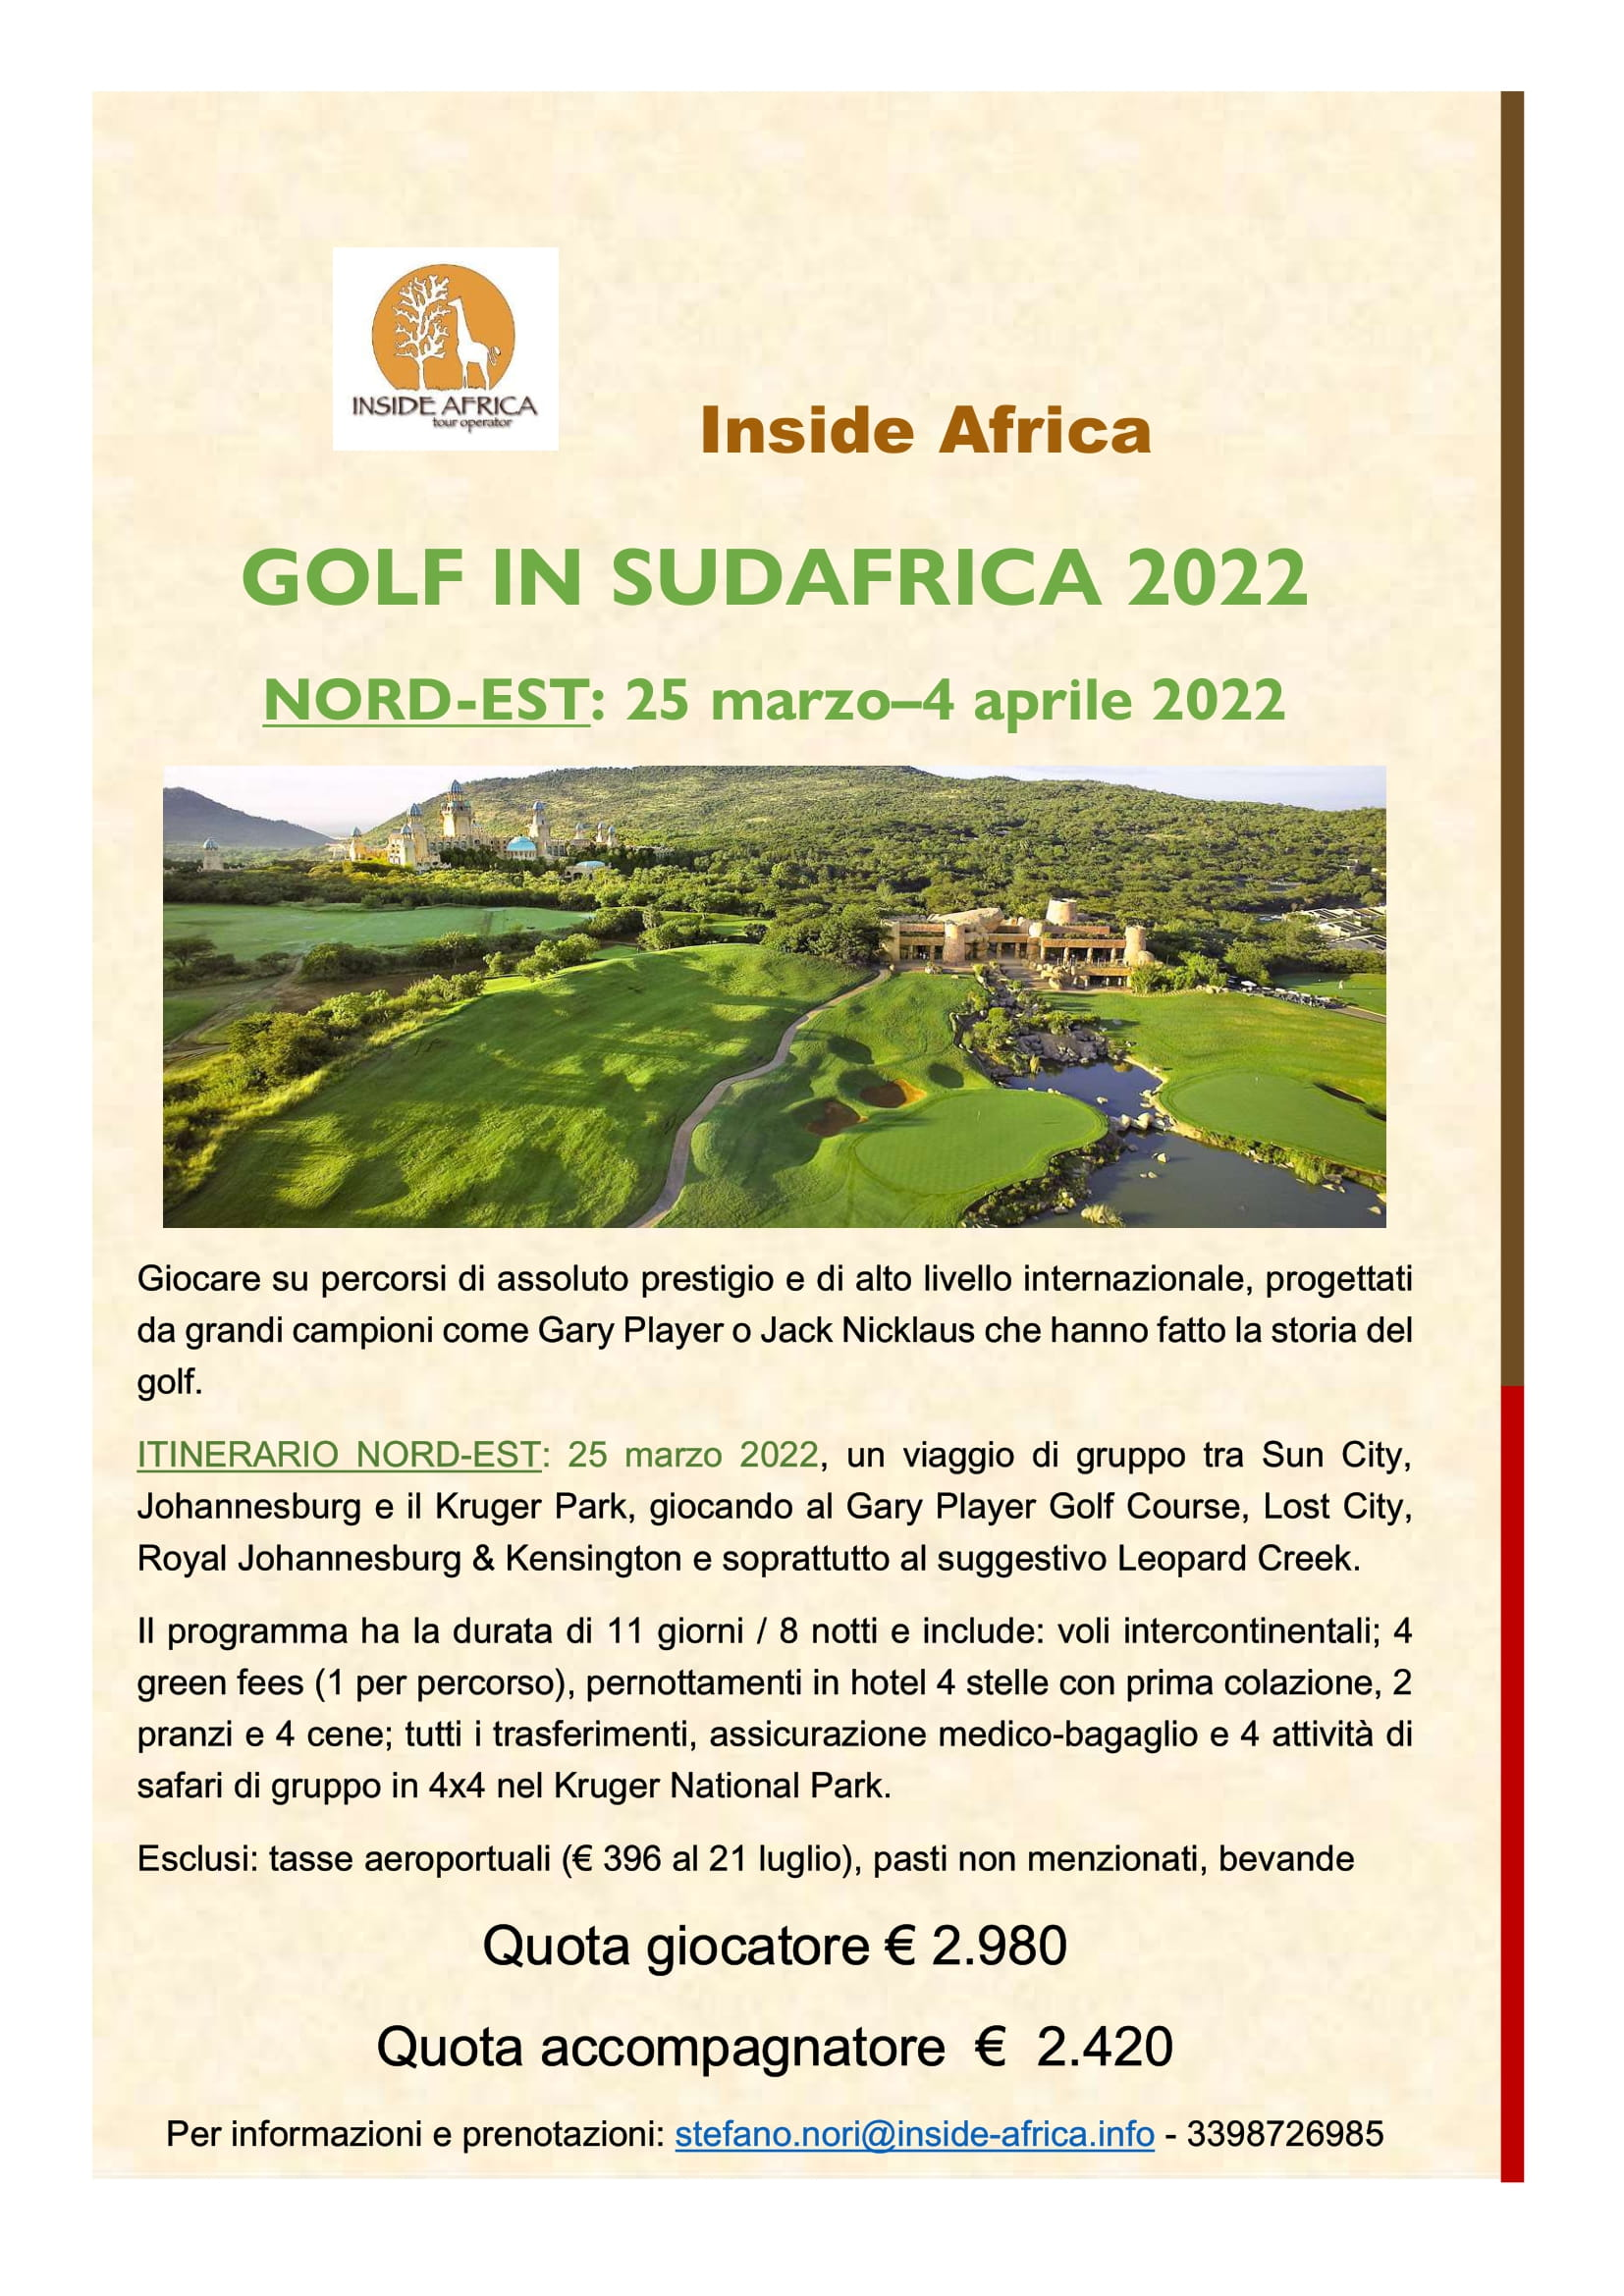 volantino-golf-25-marzo-2022-nord-est-1